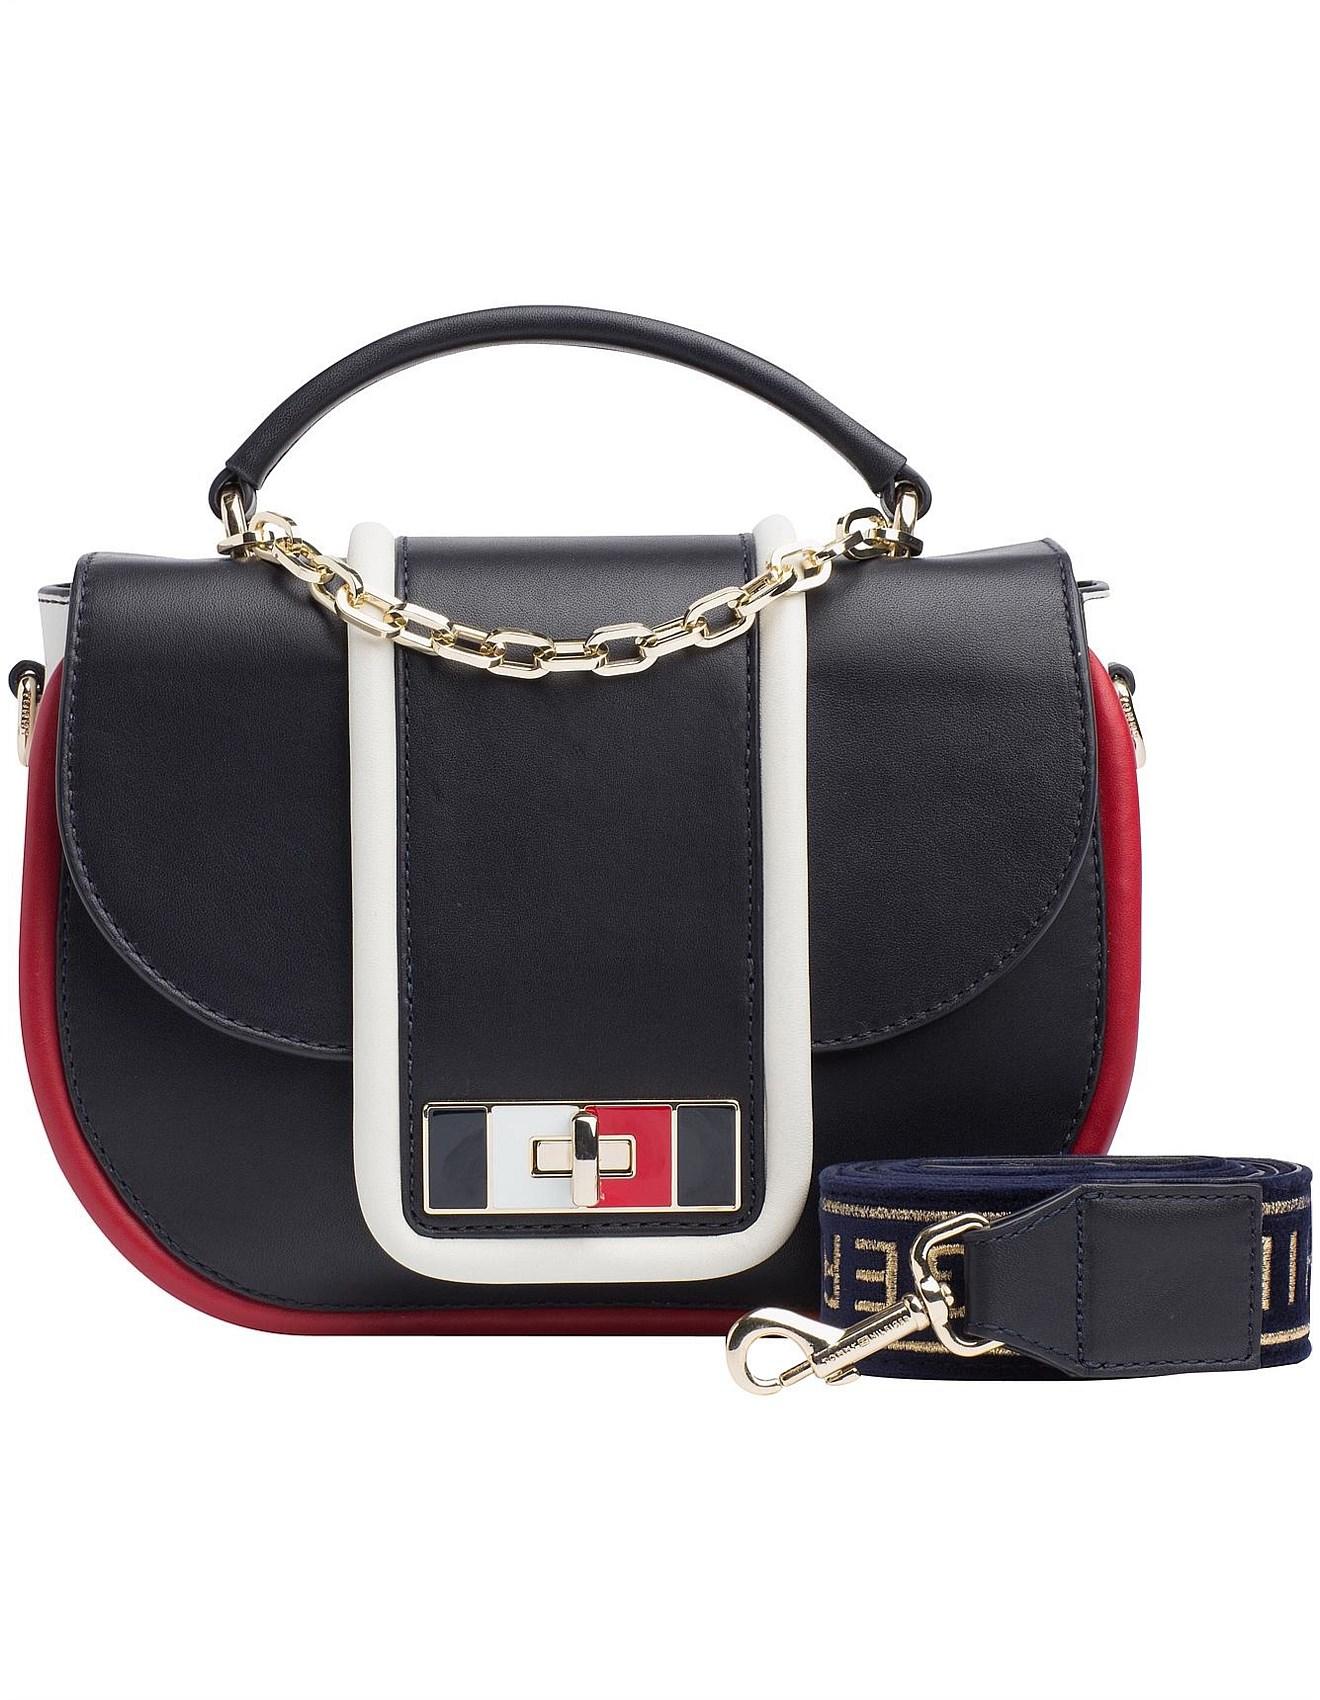 5f39fae7252a Women s Bags Sale